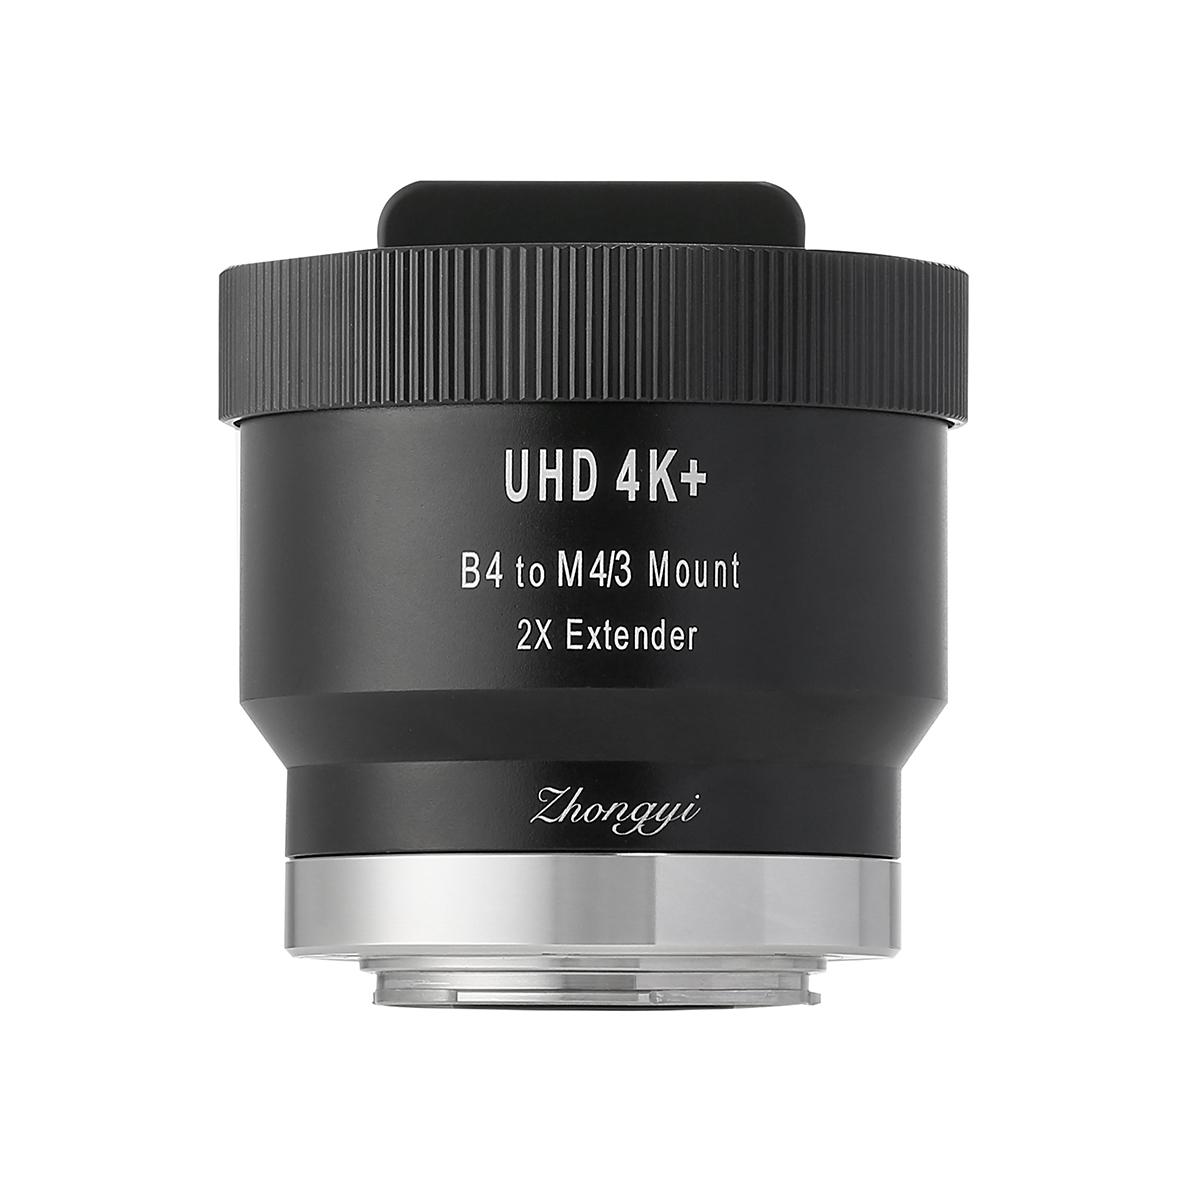 中一光学 UHD 4K+ B4 to M4/3 2X EXTENDER マウント変換エクステンダー